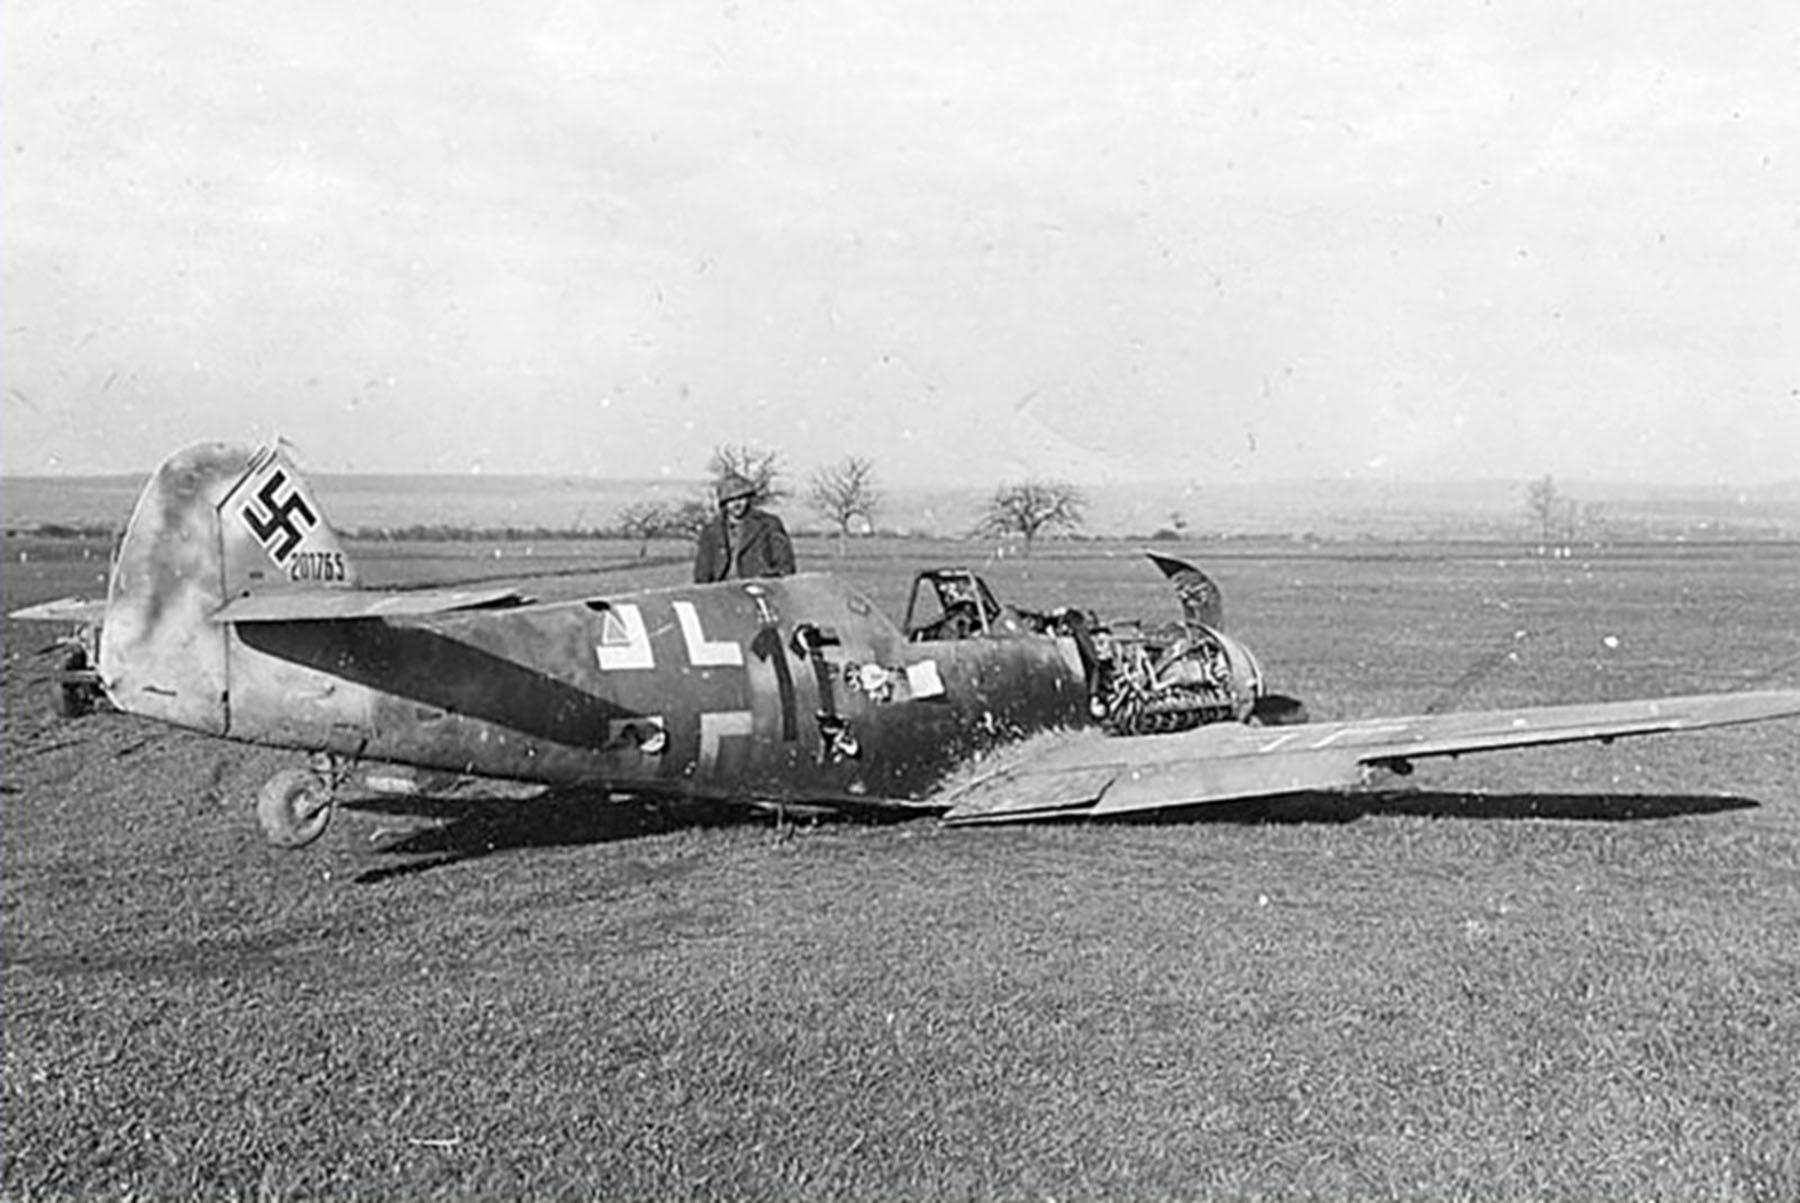 Messerschmitt Bf 109G8 Reichsverteidigung Black 11 WNr 201765 force landed unknown unit and pilot 01